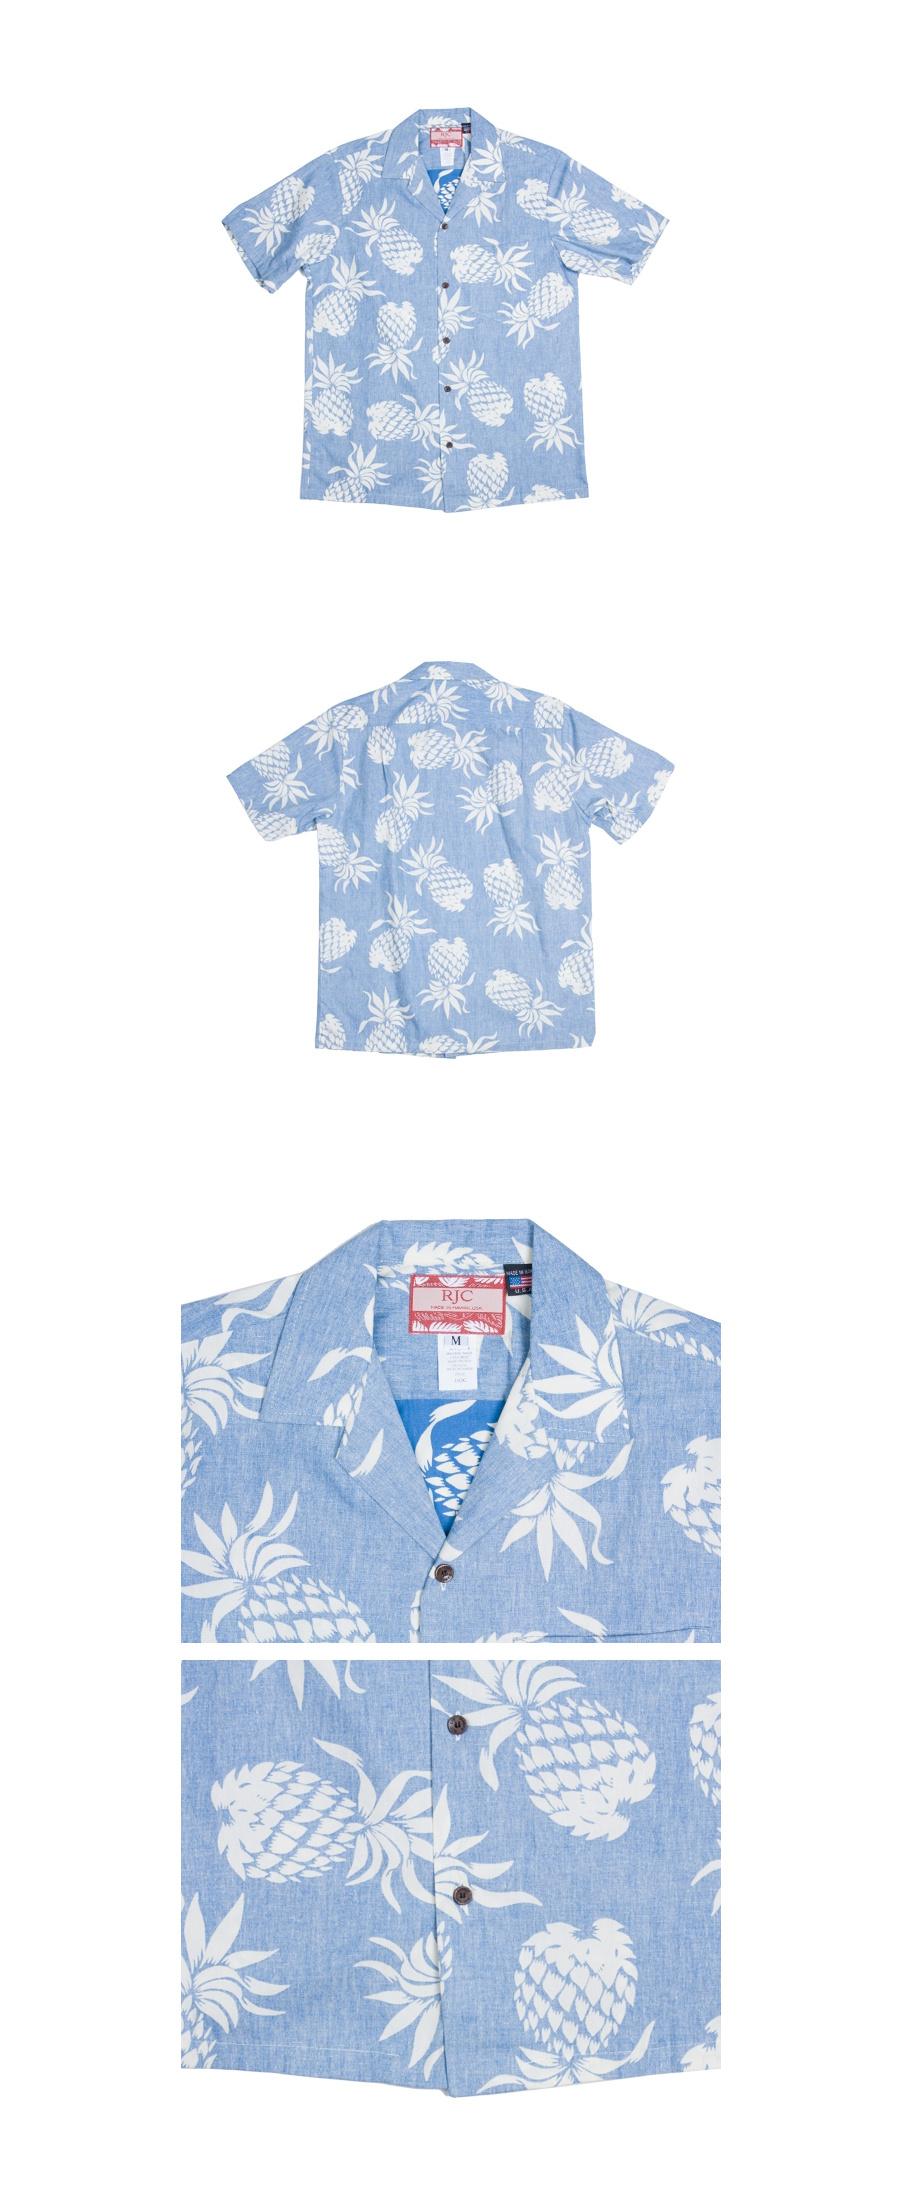 로버트제이씨 하와이(ROBERT J.C HAWAII) 103C.087 Hawaii Shirts [Blue]